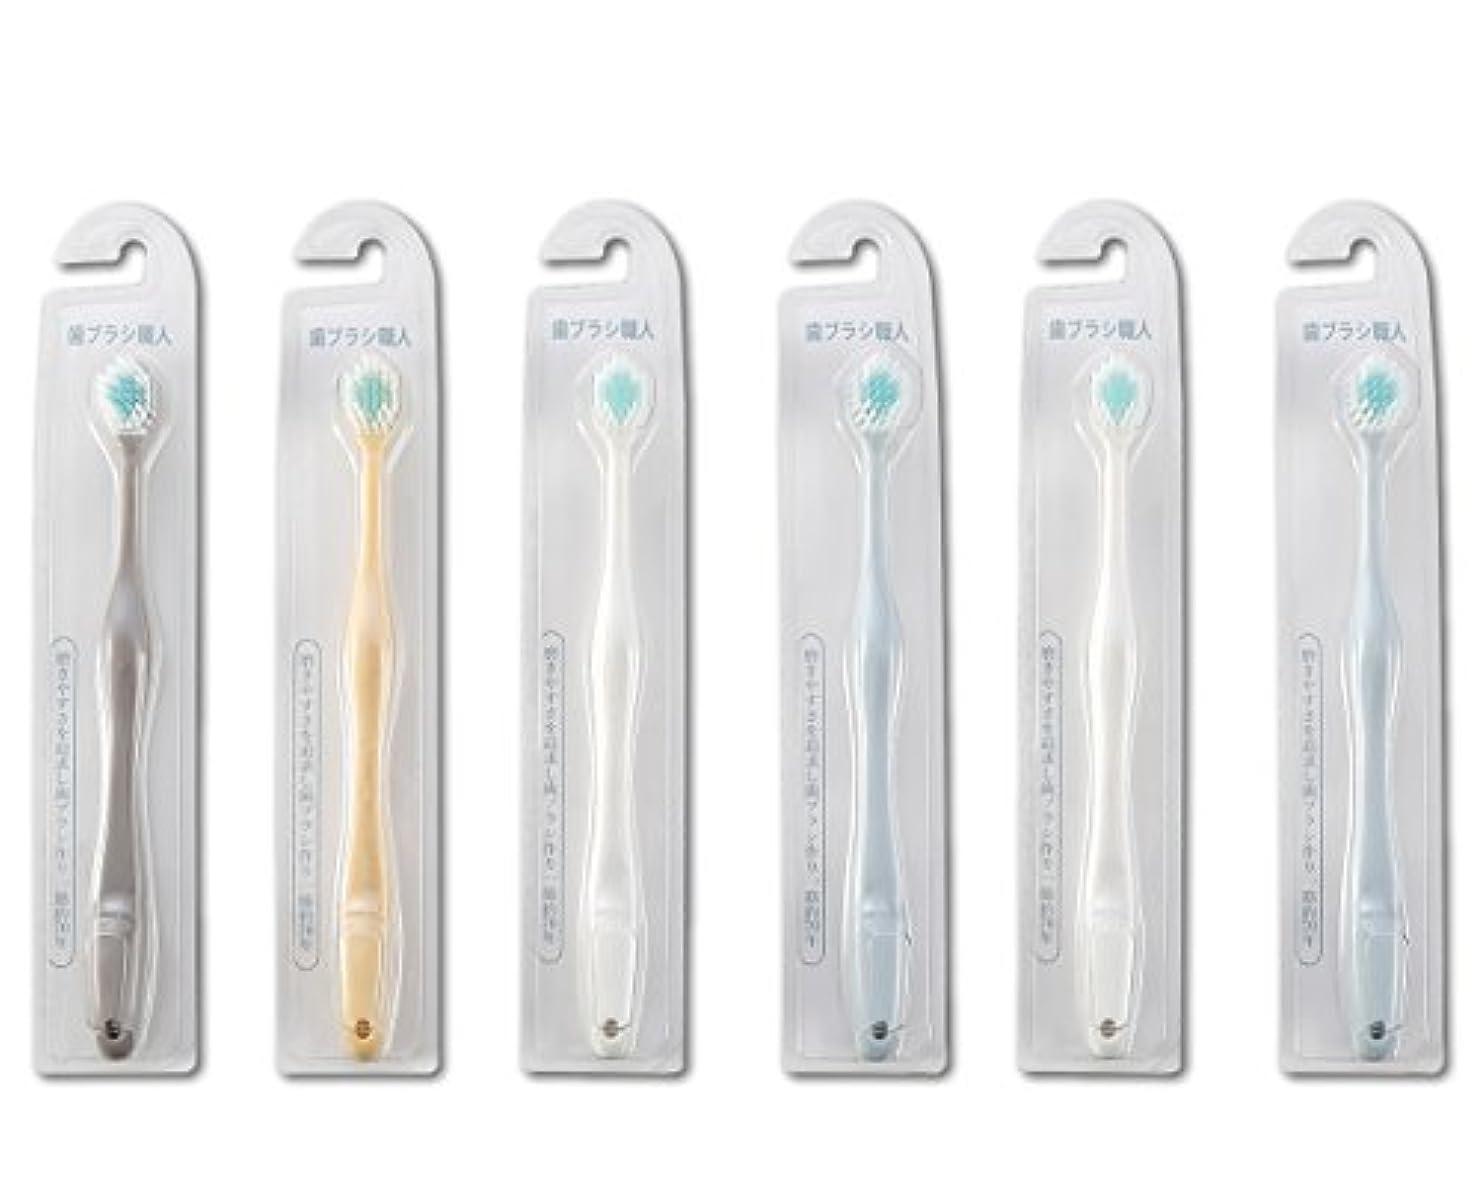 合成マントル別れる歯ブラシ職人Artooth ® 田辺重吉 磨きやすい歯ブラシ ワイド 6列レギュラー AT-30 (6本組)